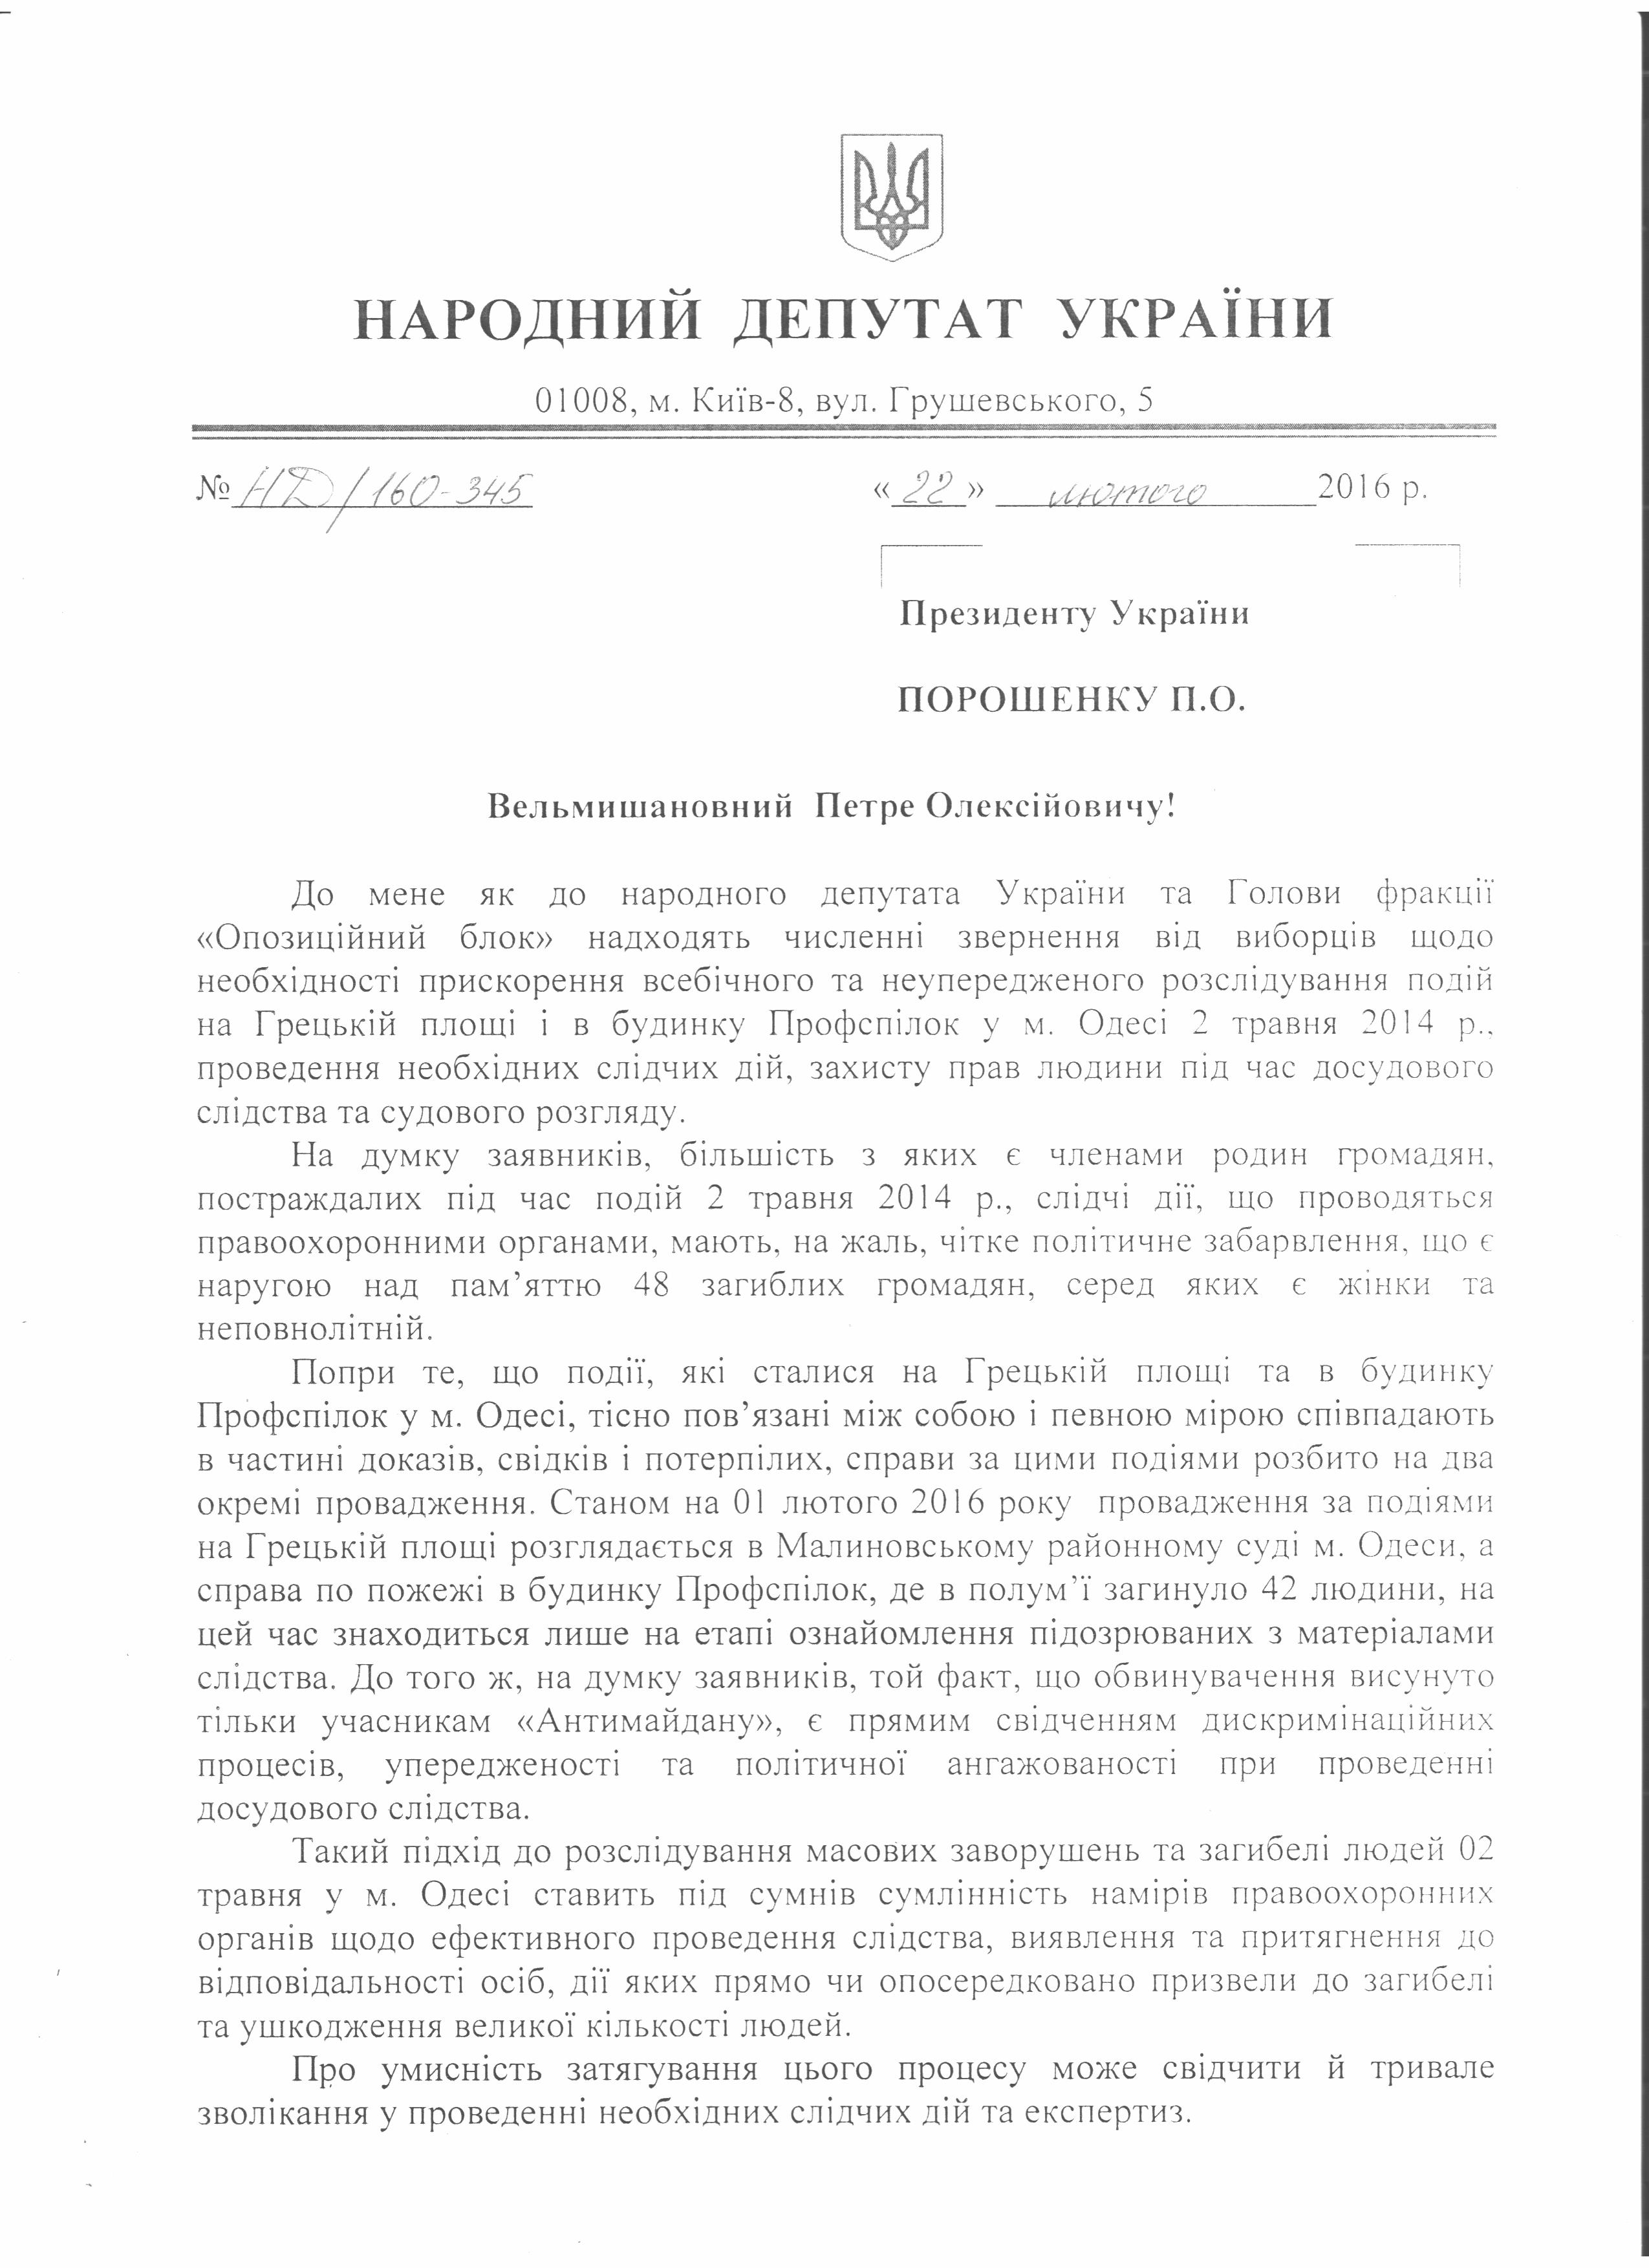 Юрій Бойко звернувся до президента та генпрокурора з приводу подій в Одесі (ДОКУМЕНТ) - фото 1